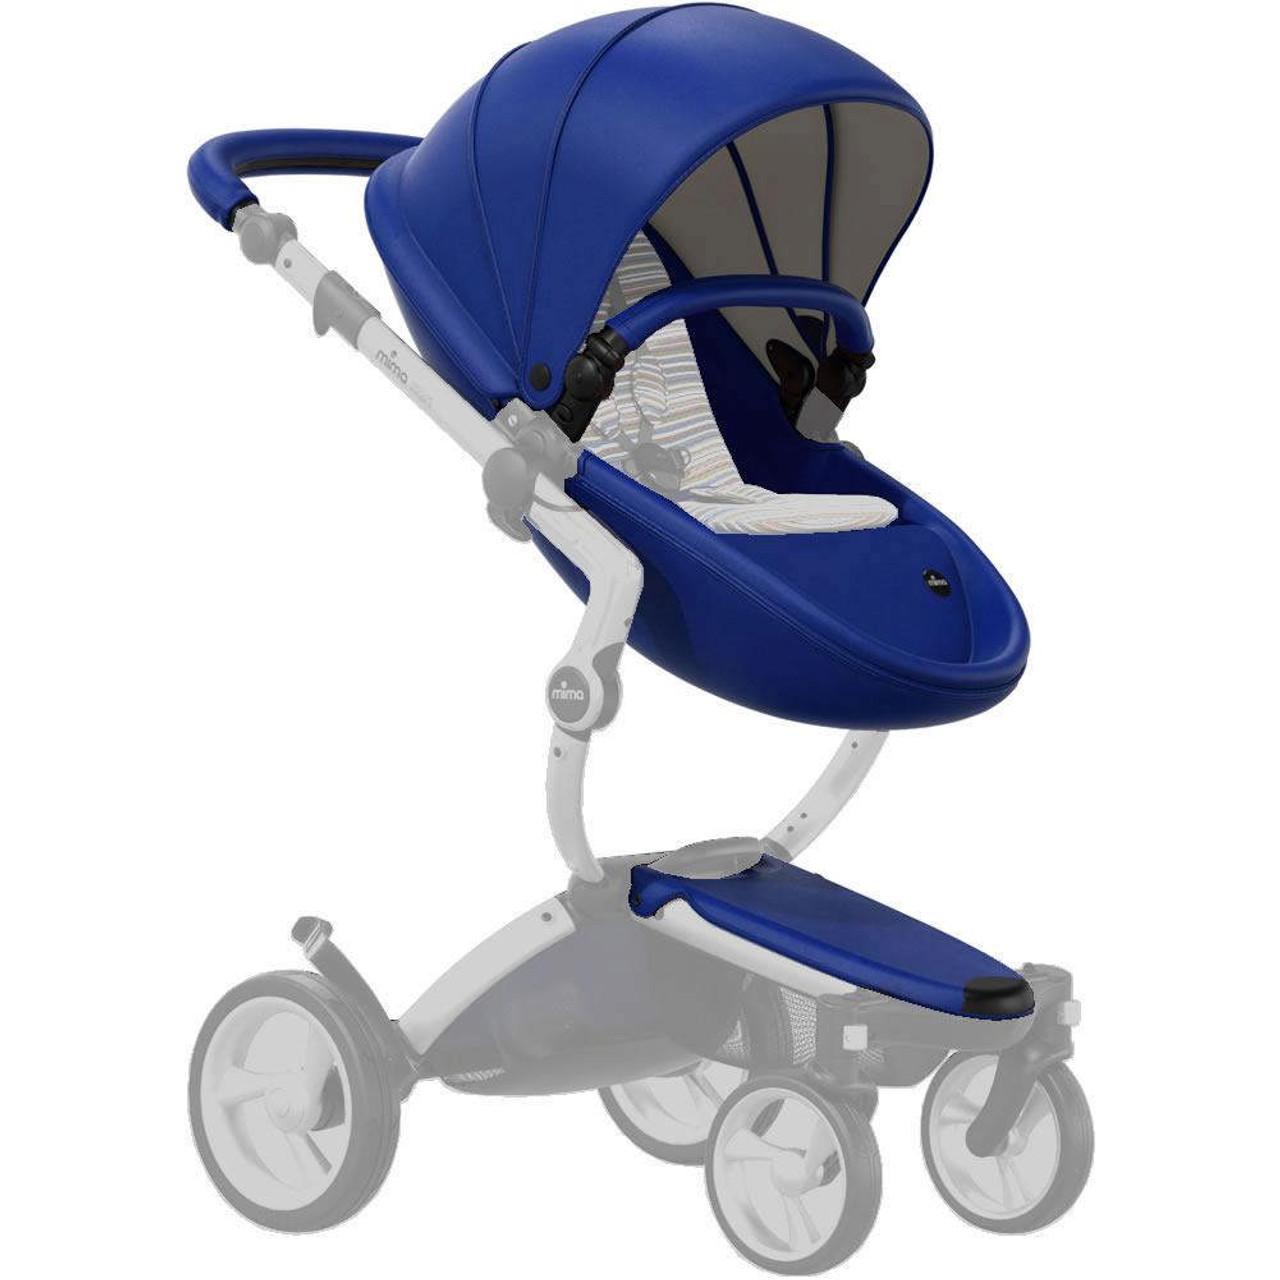 Mima Xari Stroller Seat Kit - Royal Blue - Dear-Born Baby